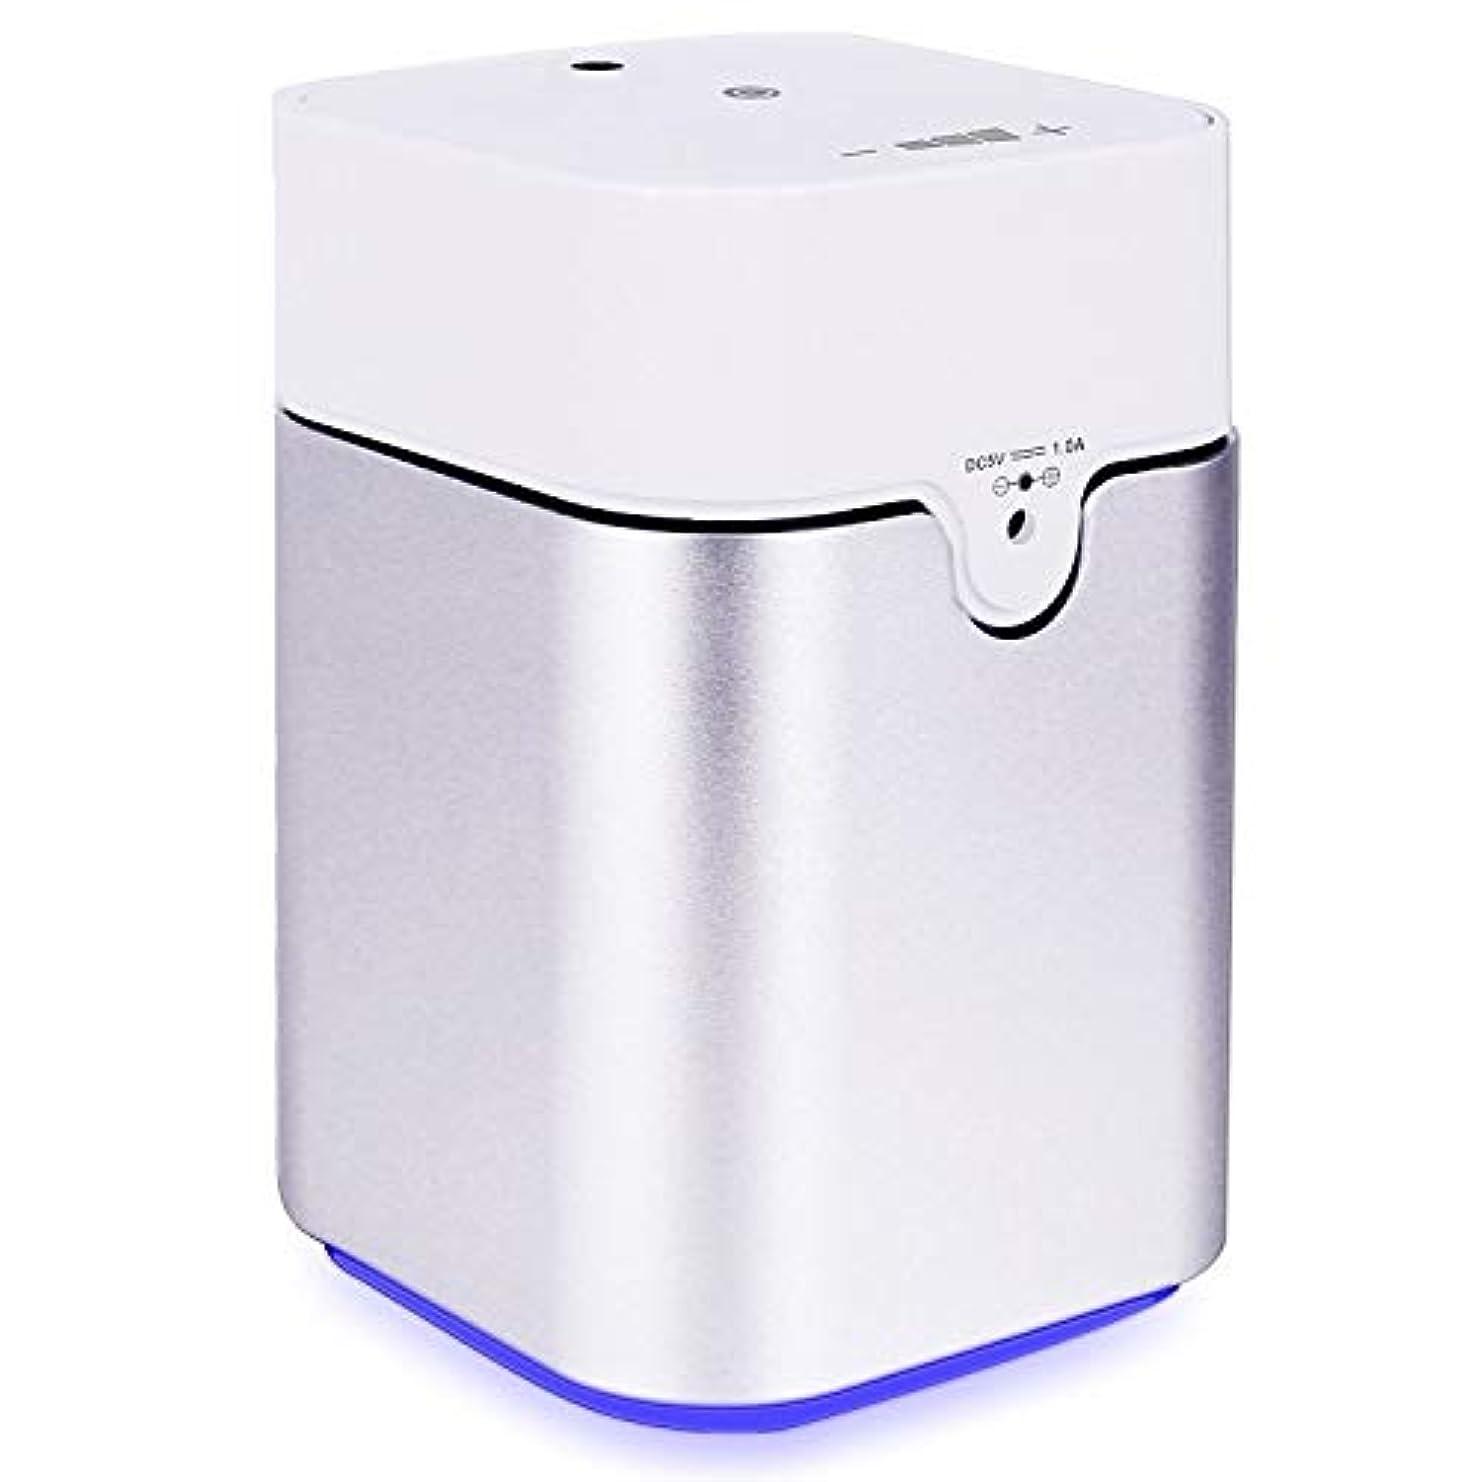 落ち着いてモールス信号緩やかなENERG e's Pure アロマディフューザー ヨガ室 整体院人気 タイマー機能 ネブライザー式 量調整可能 精油瓶3個付き T11-ENS082